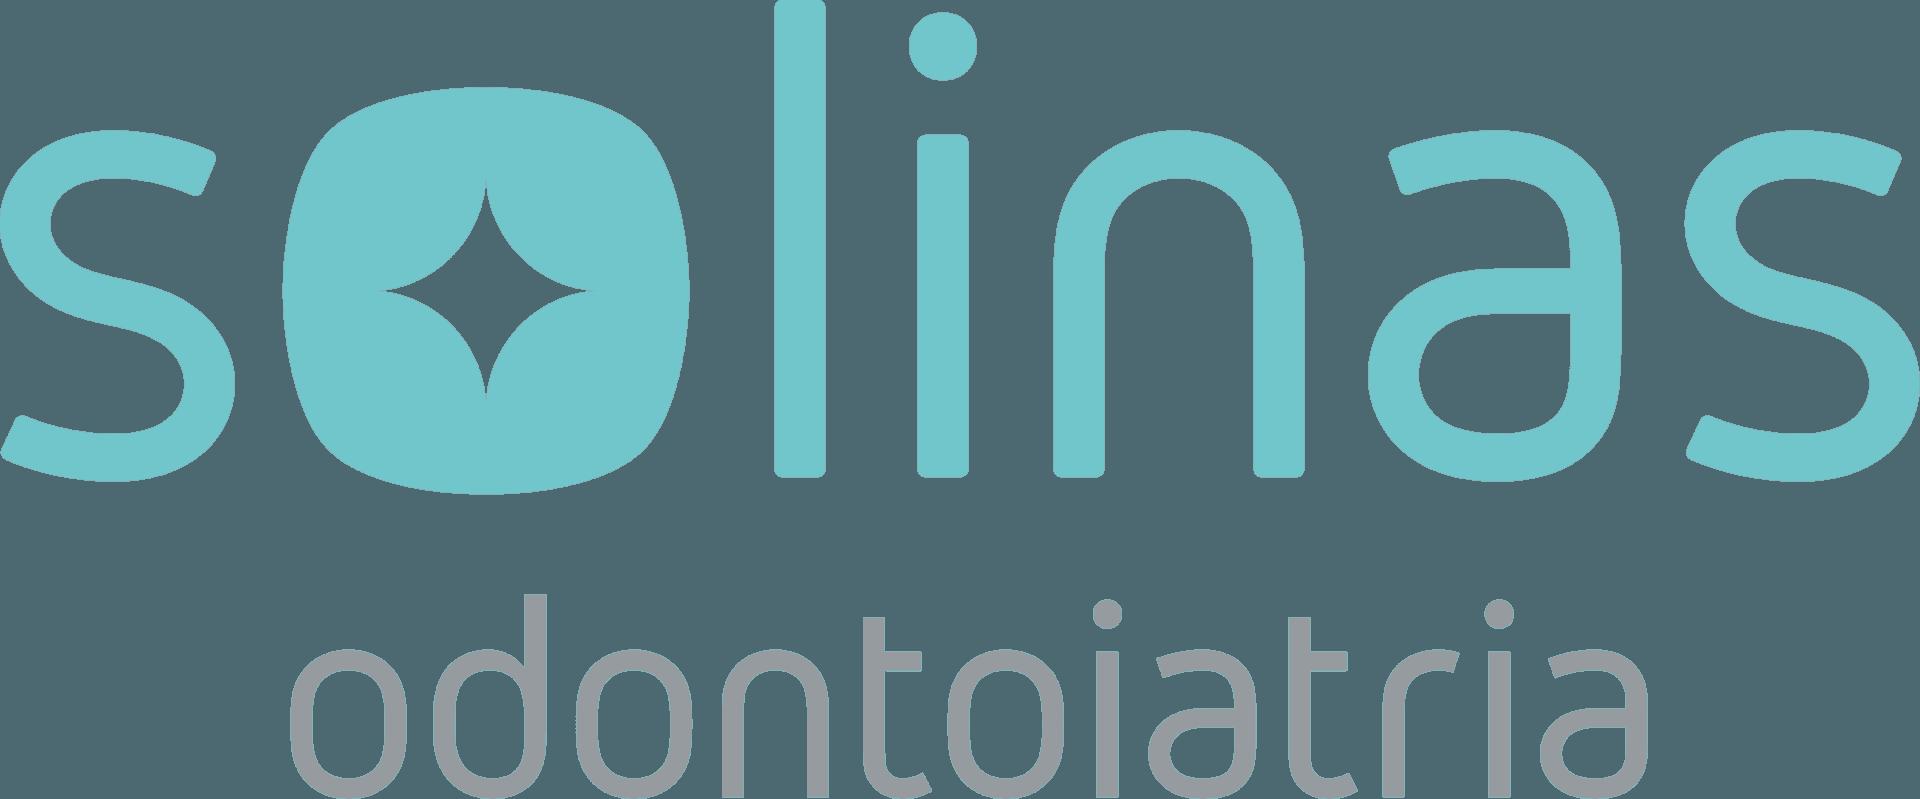 Studio Dentistico Solinas Logo